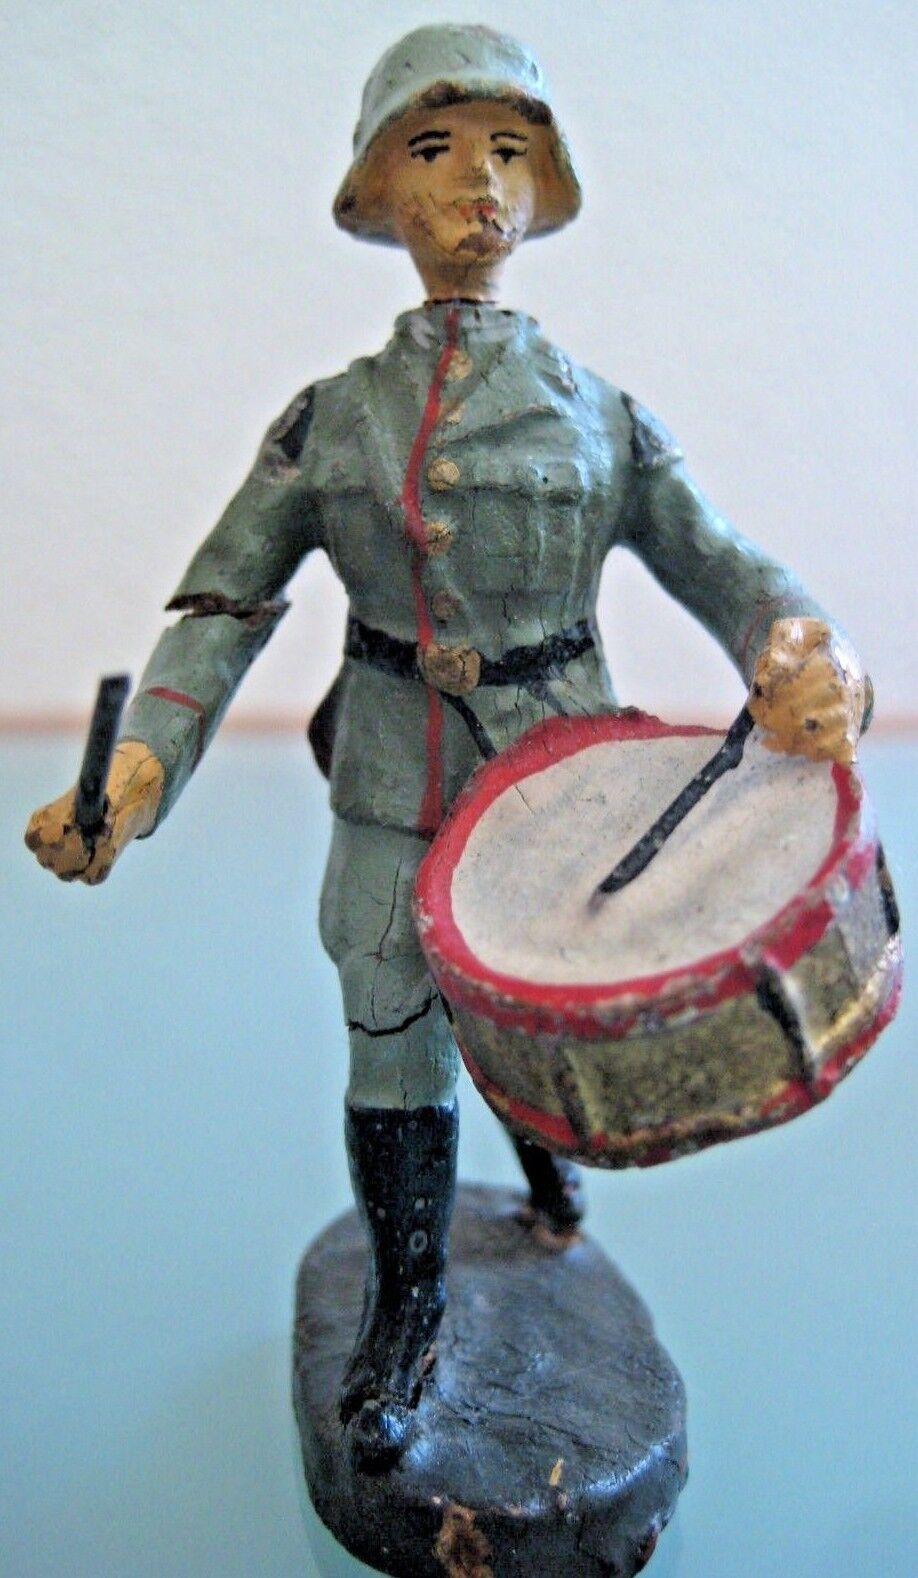 Soldat Alte in der Zusammensetzung Elastolin Am Festumzug Spielend Kiste Hell